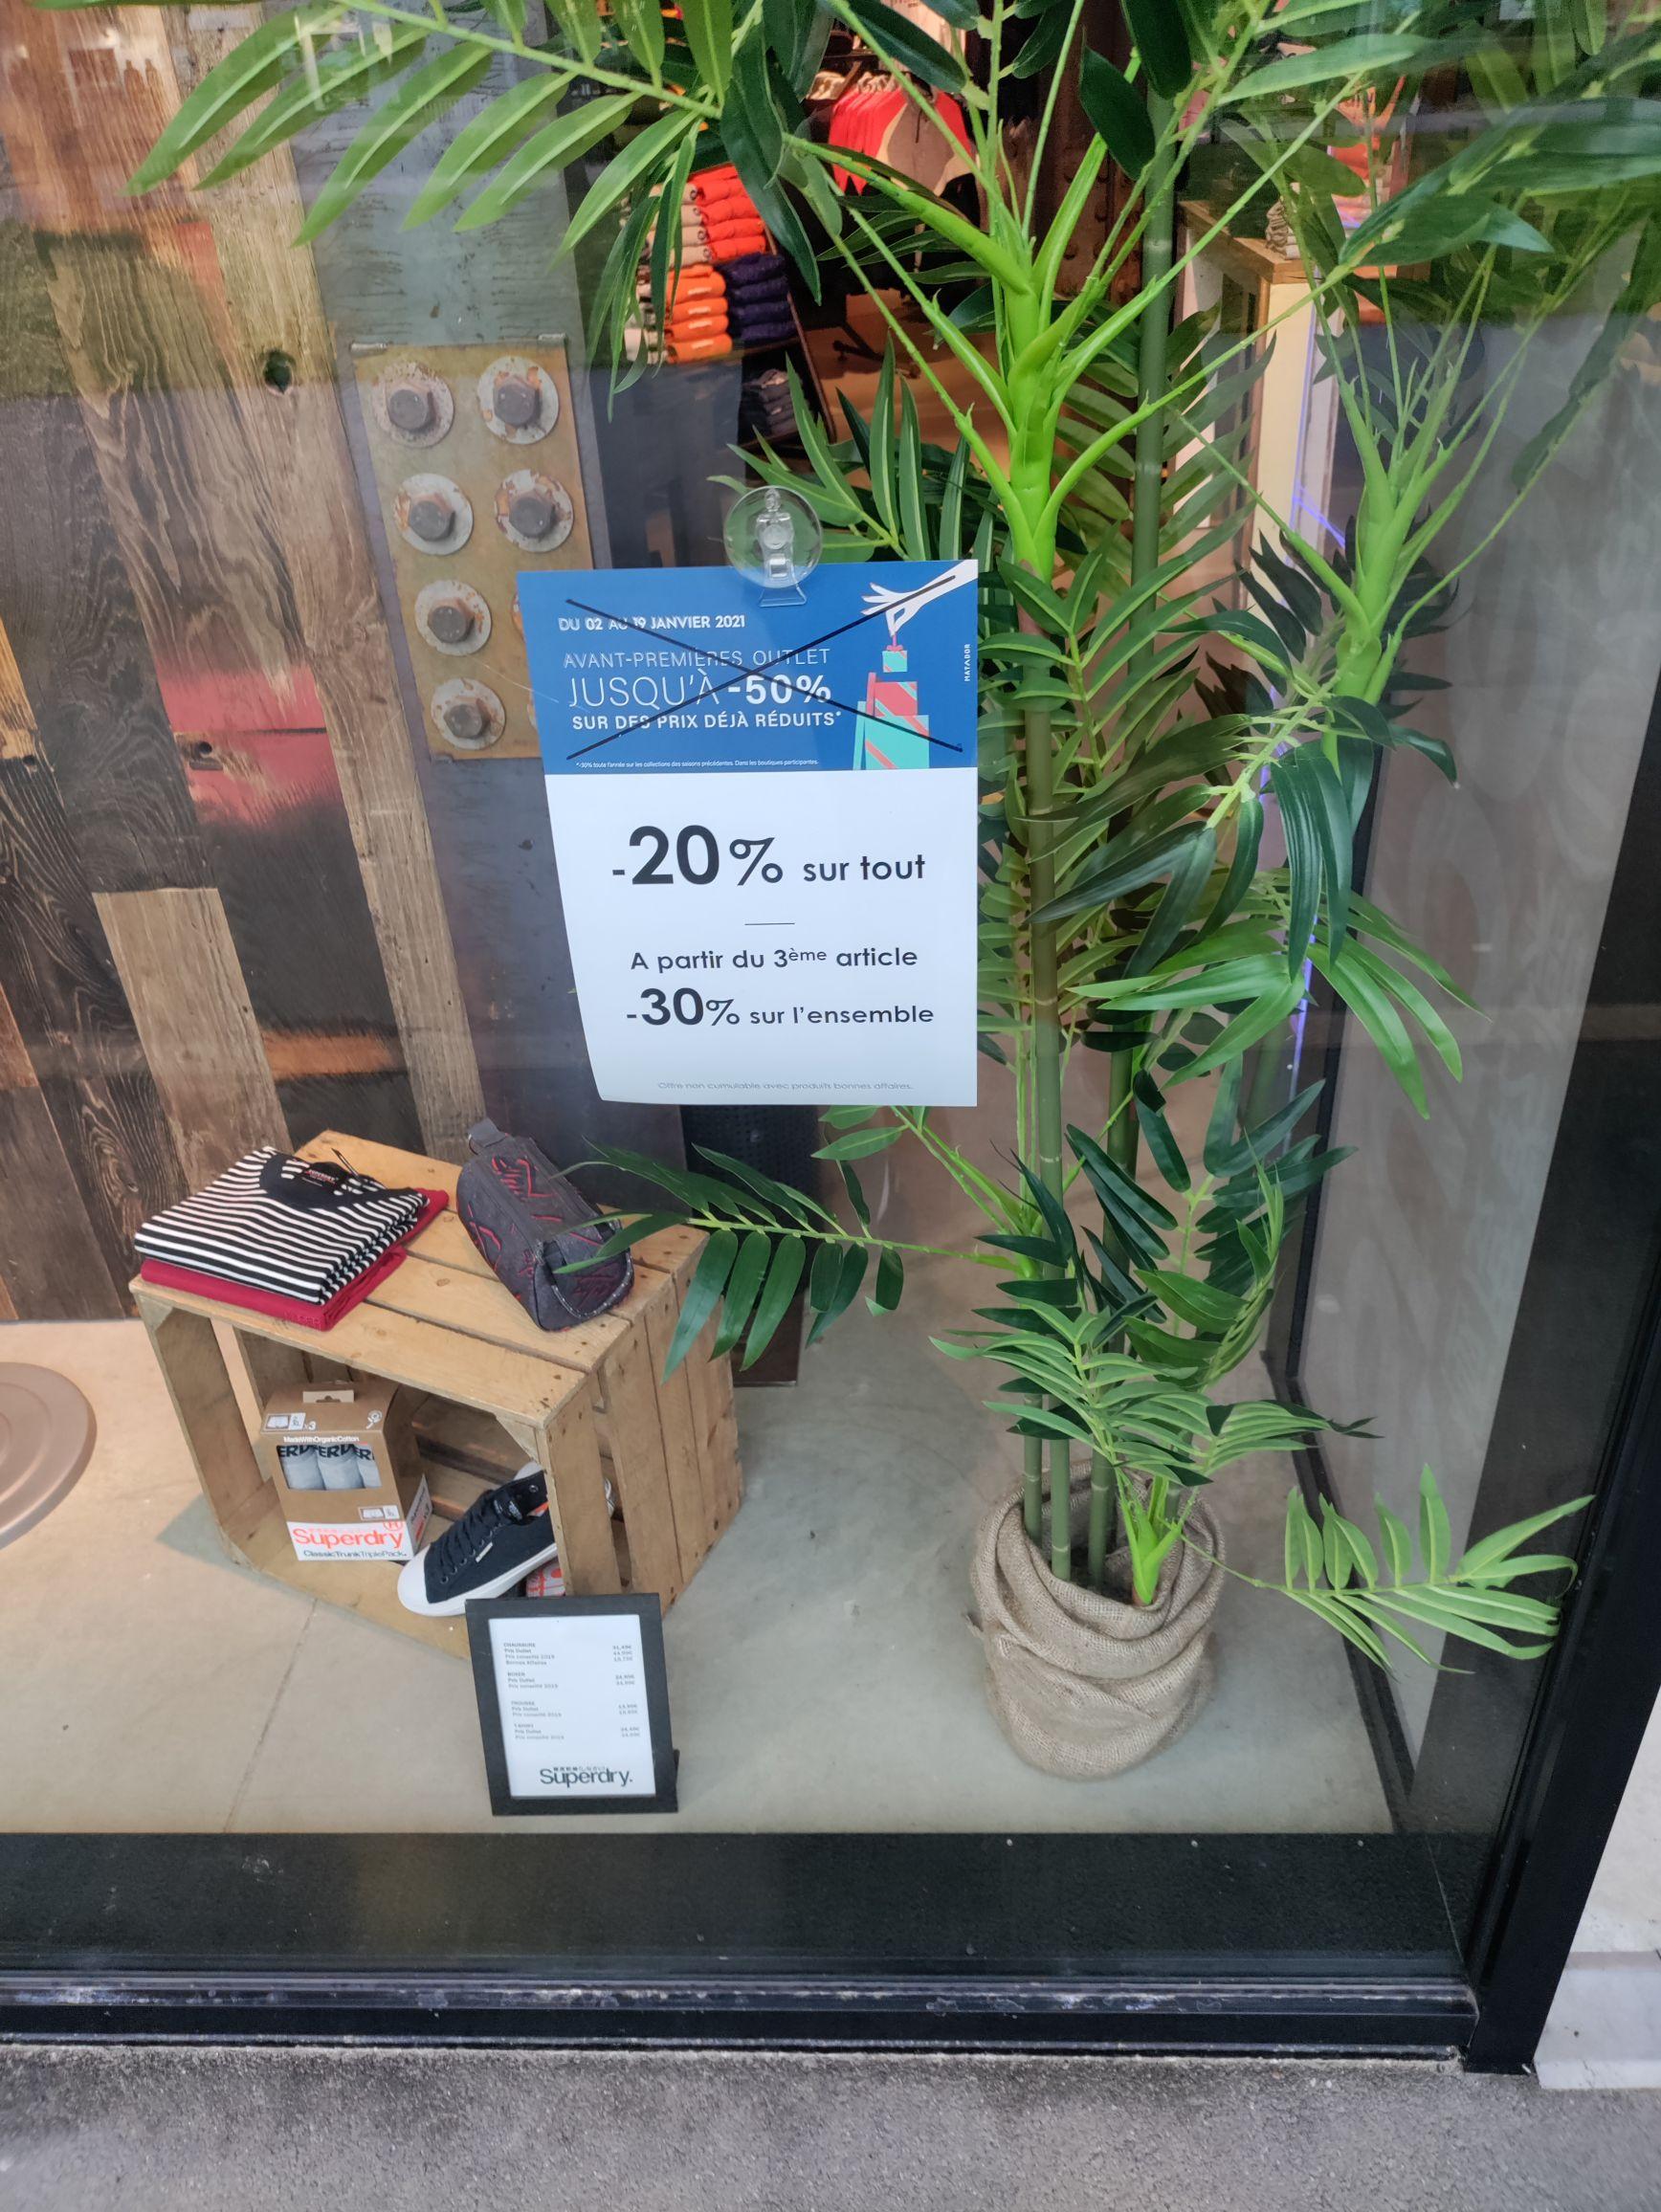 20% de réduction sur tout le magasin et 30% dès 3 articles achetés - Superdry Outlet La Séguinière (49)